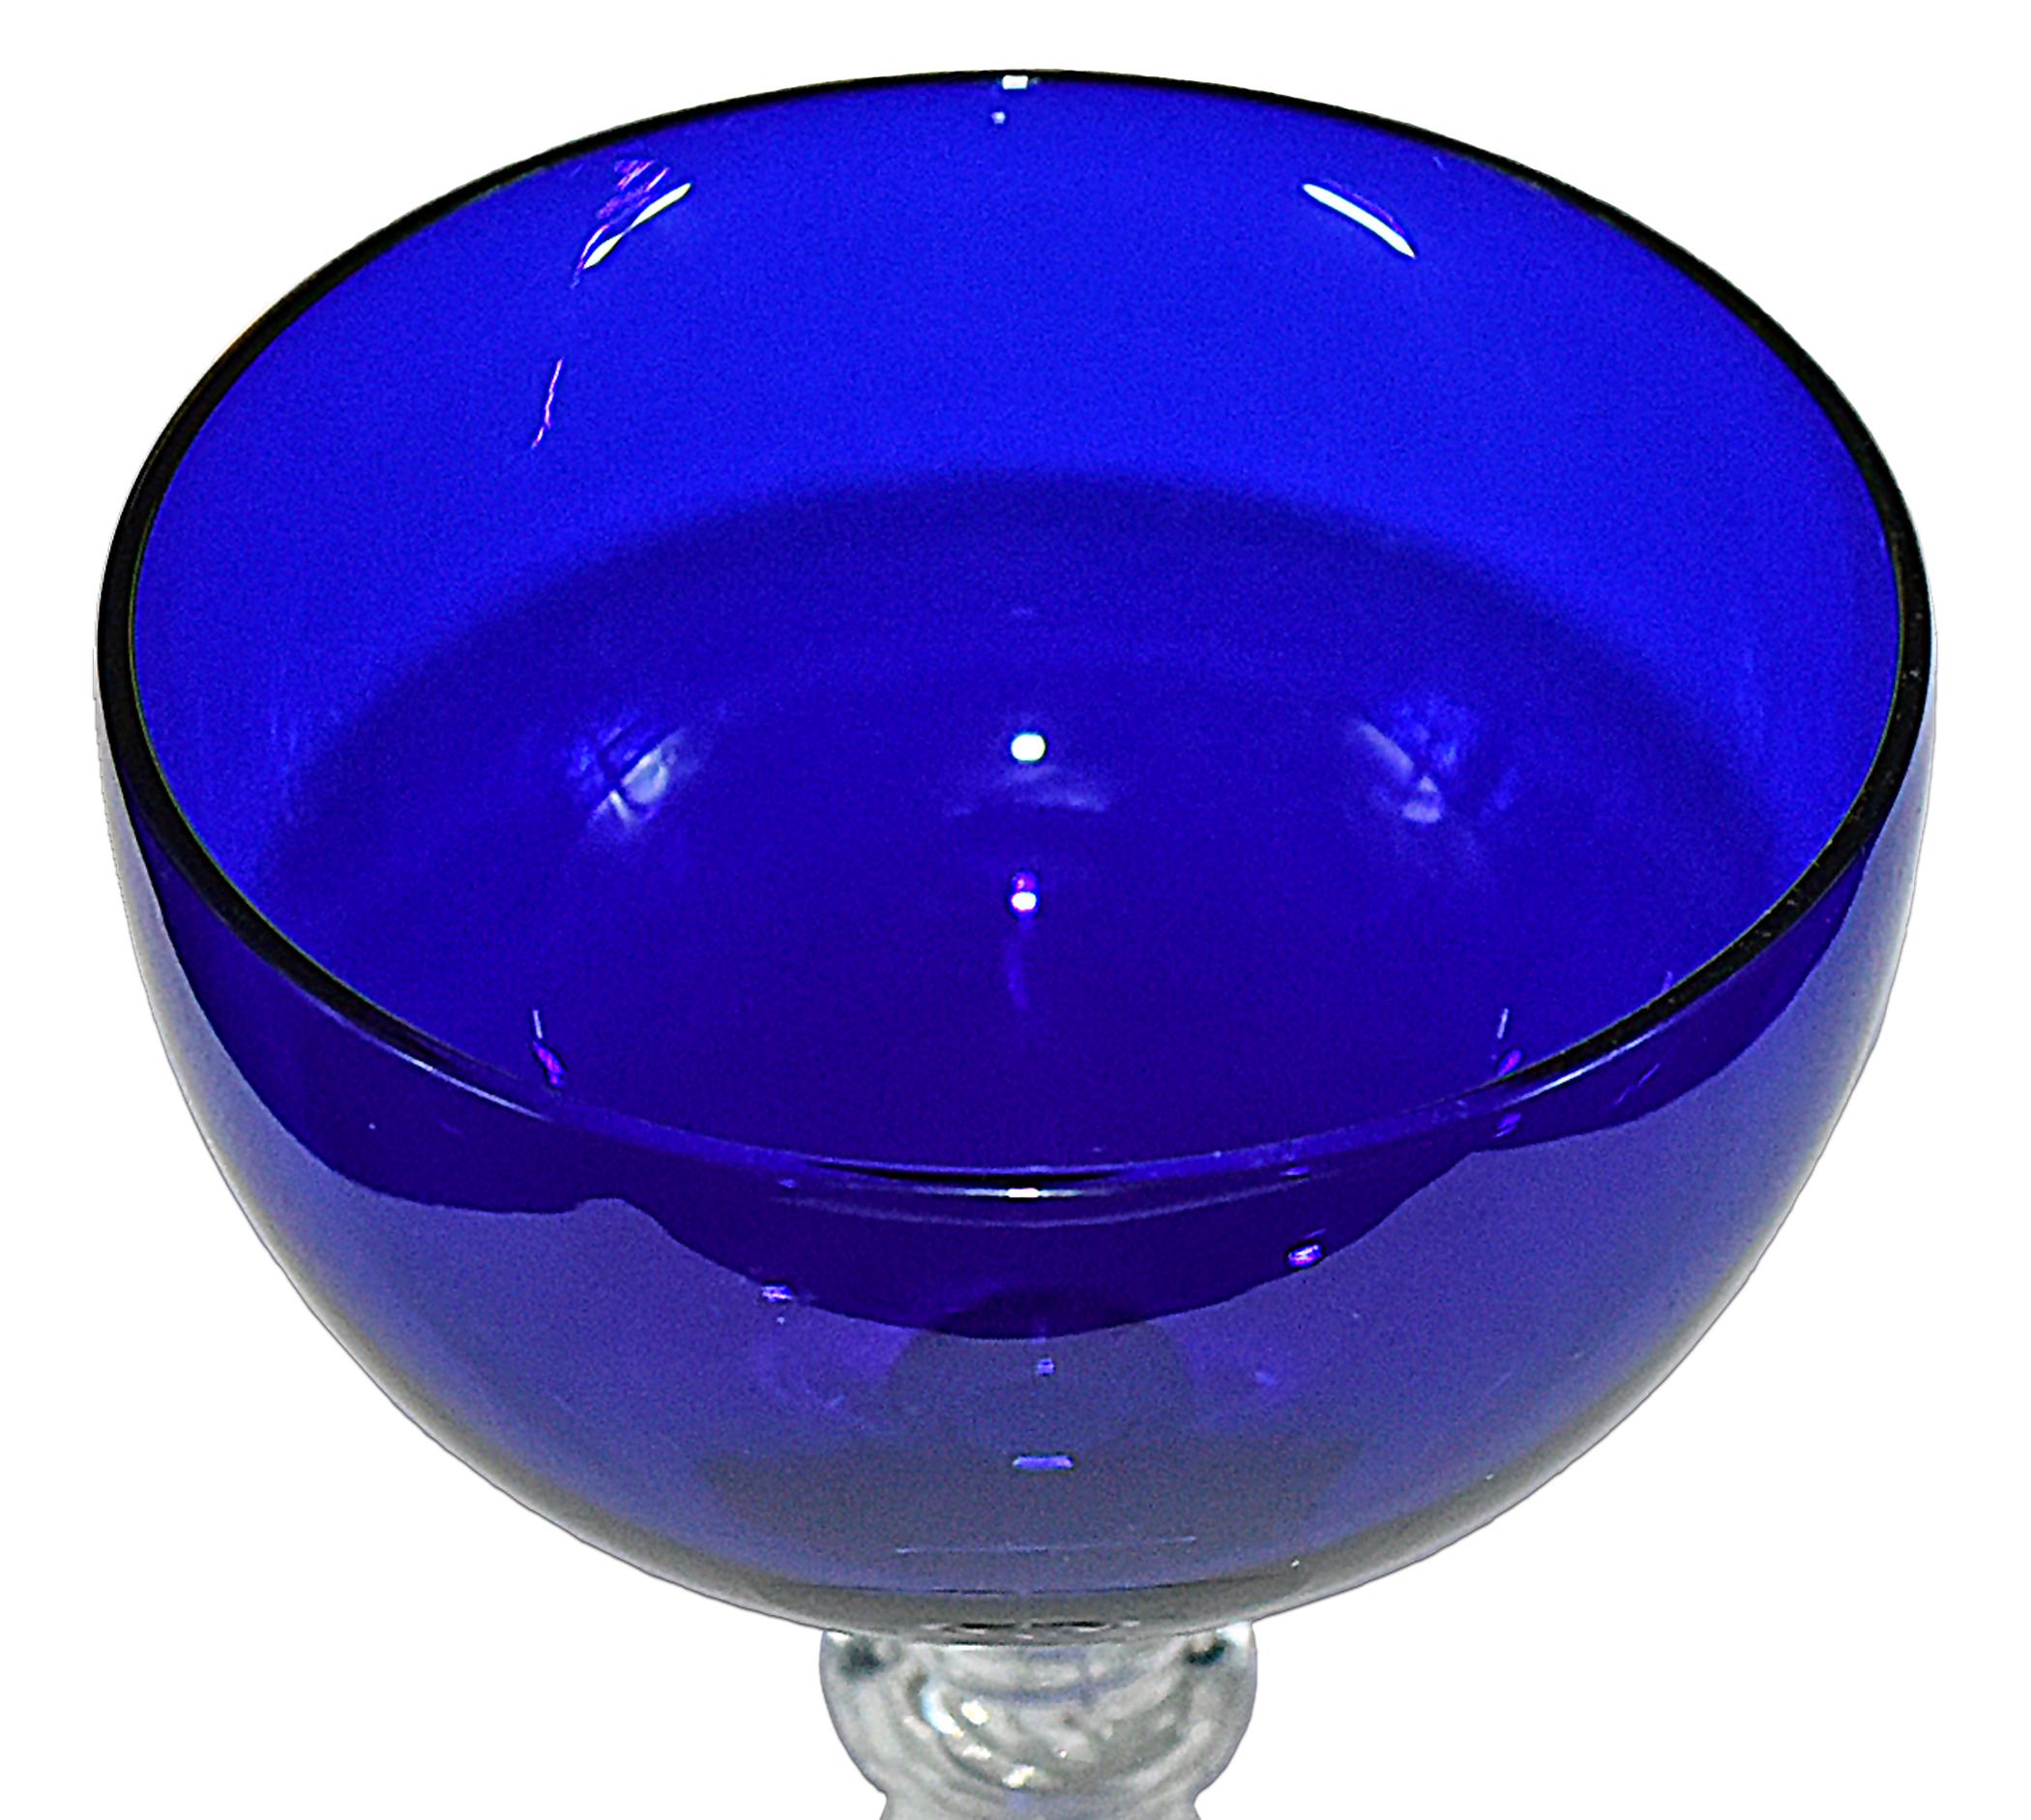 Morgantown Chateau Champagne Sherbet Bowl